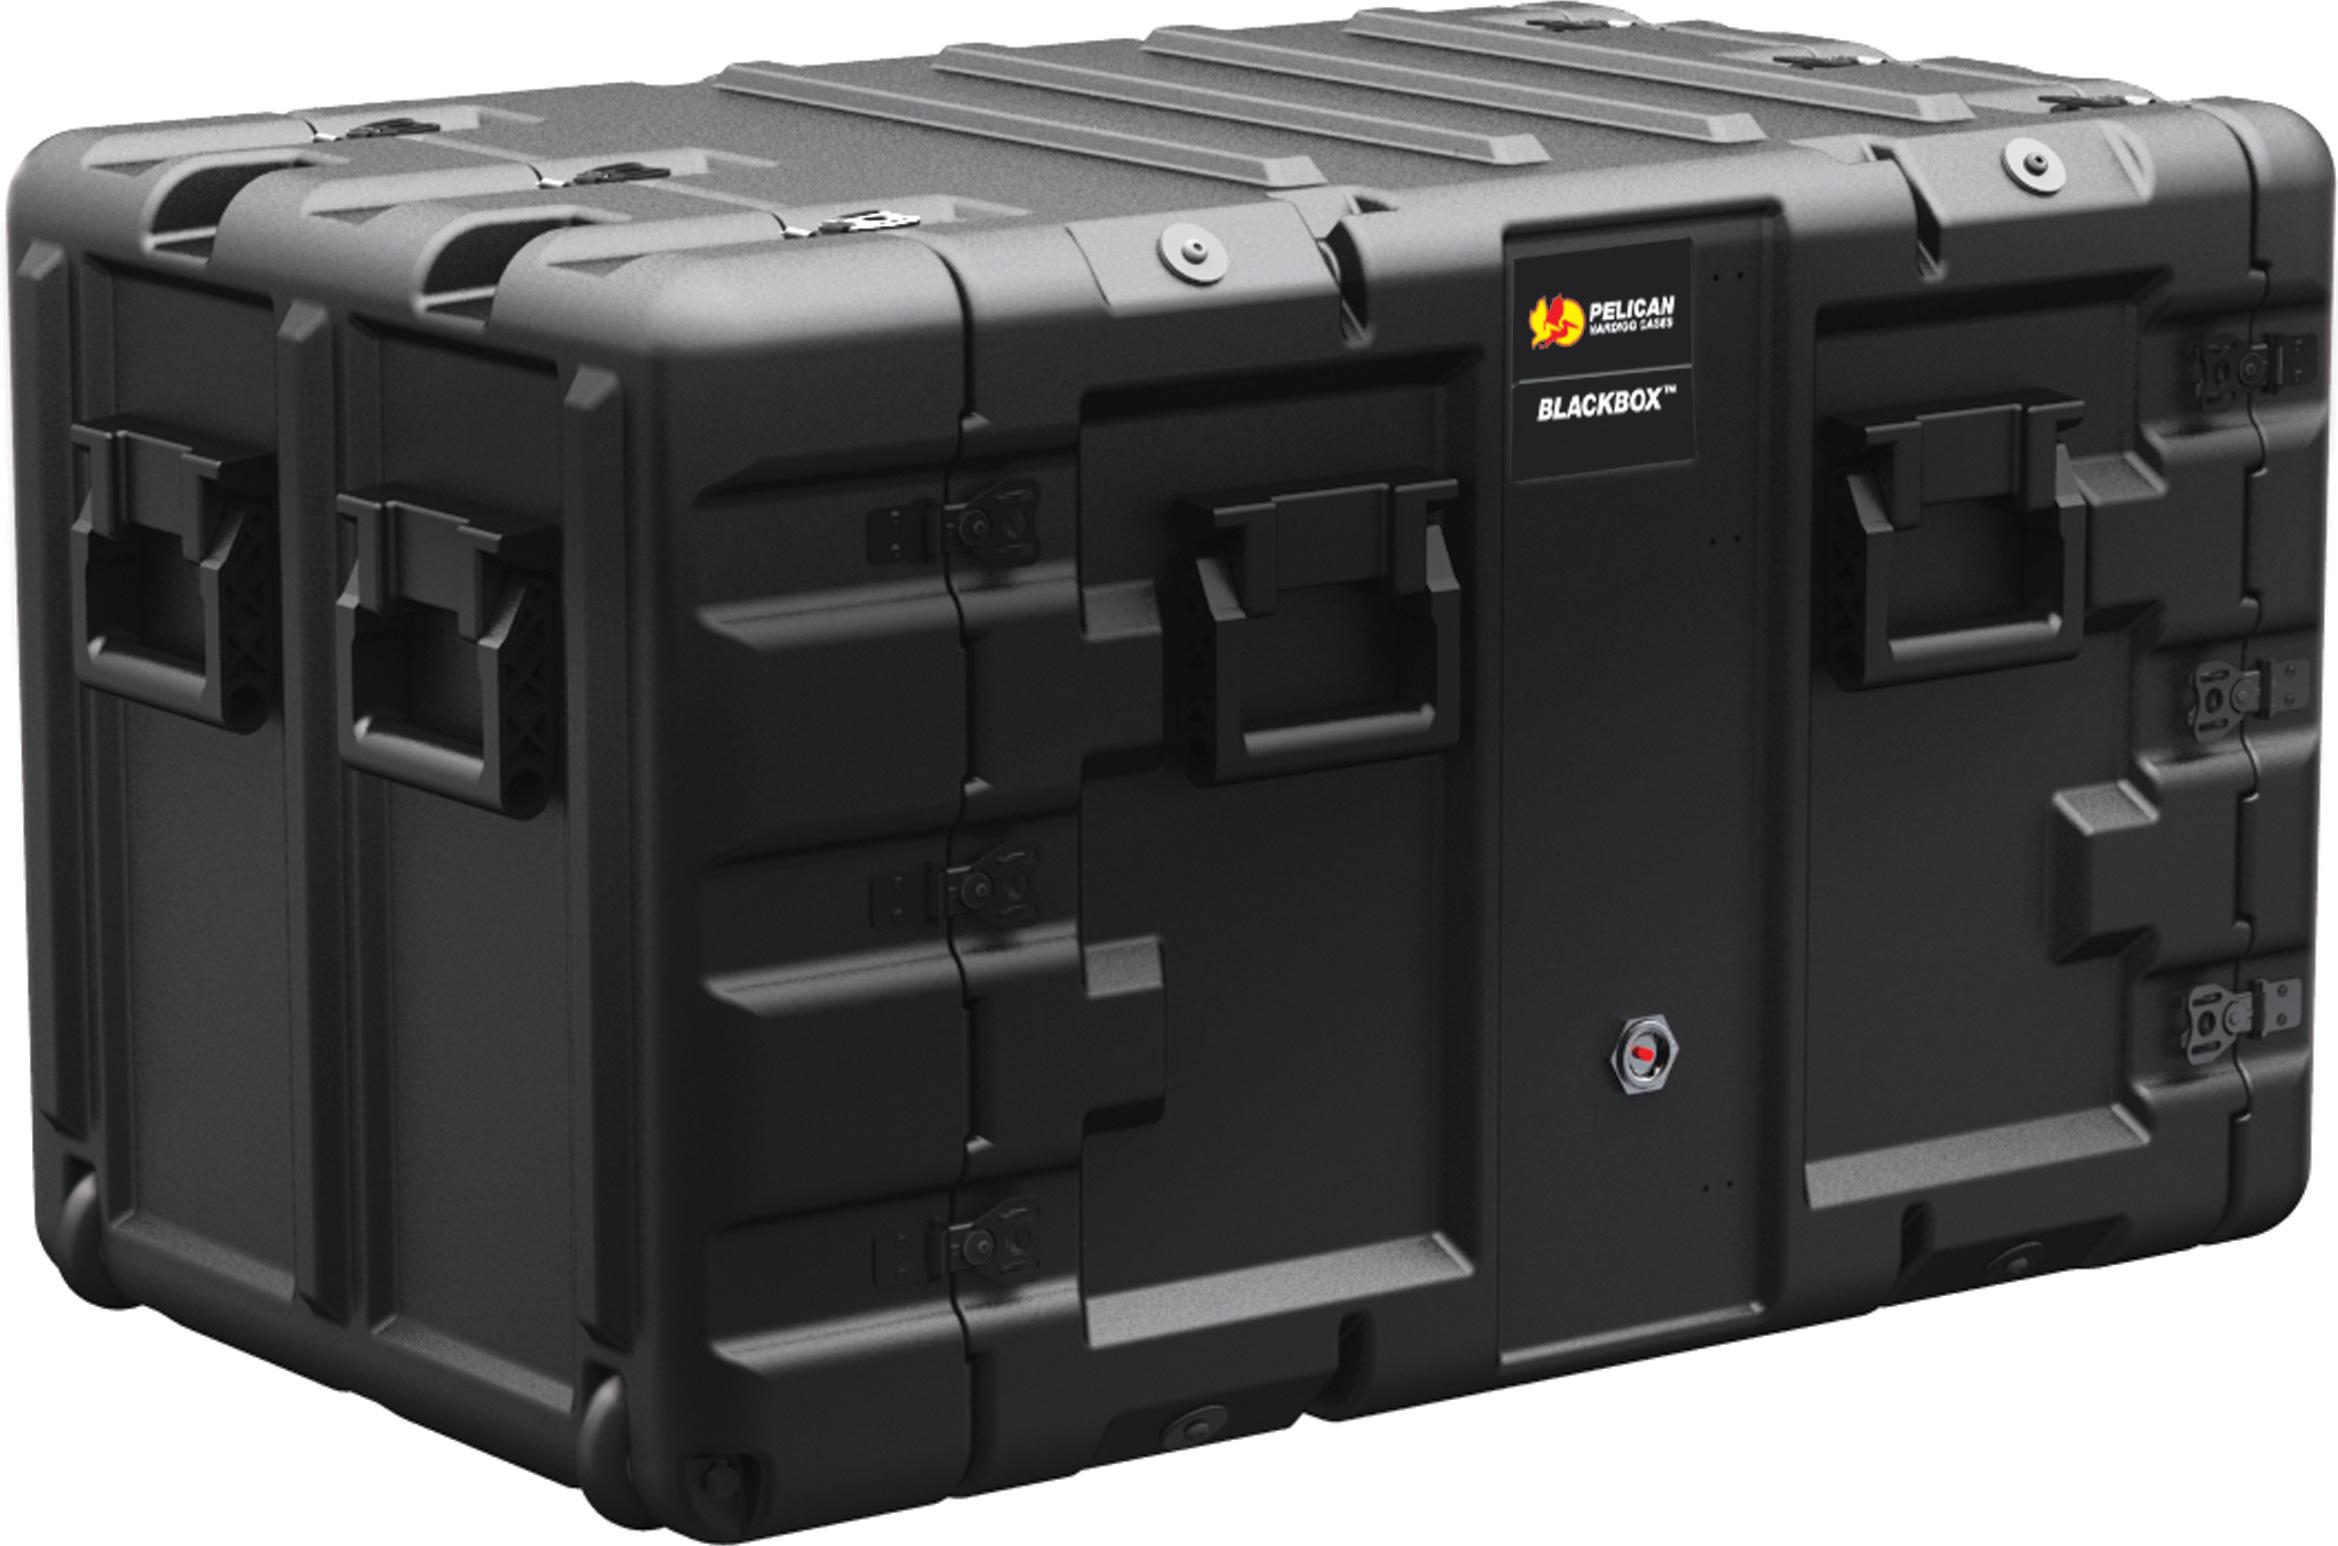 Rack Mount Case : pelican hardigg blackbox 9u rack mount case ~ Hamham.info Haus und Dekorationen